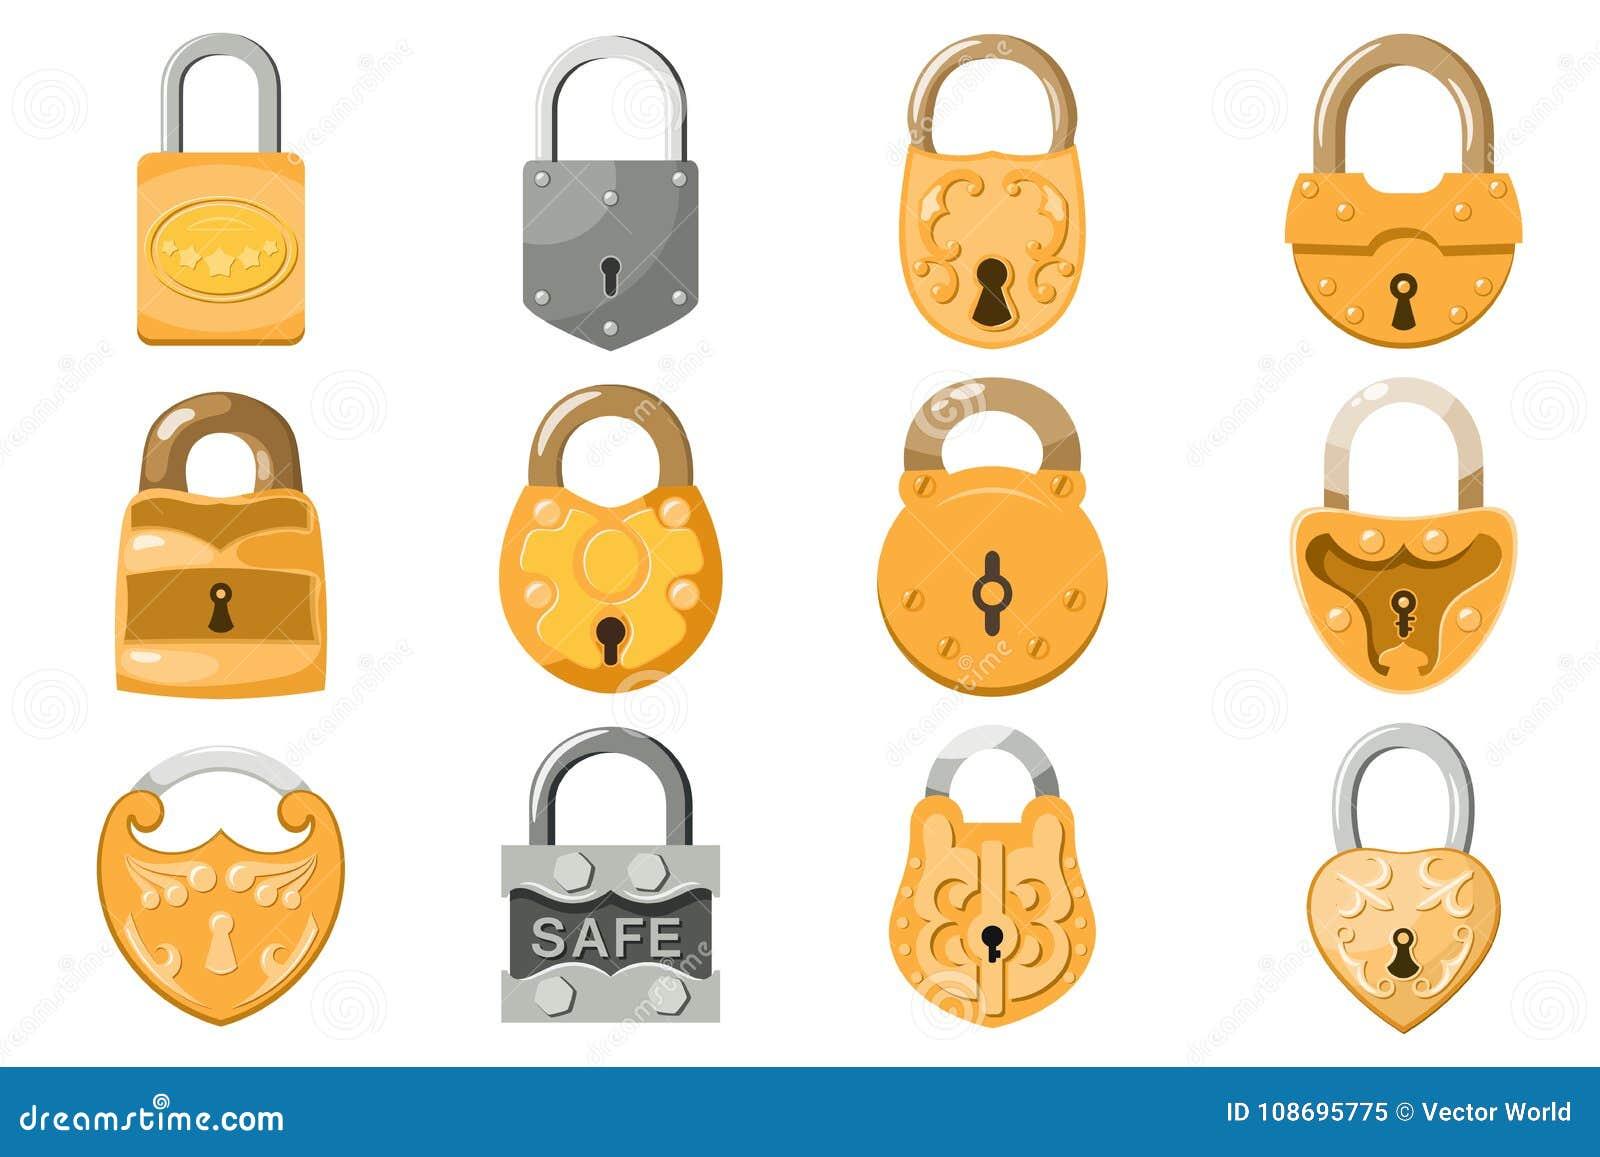 Padlock la serratura di vettore per la protezione di protezione e sicurezza con il meccanismo sicuro bloccato per collegare o la